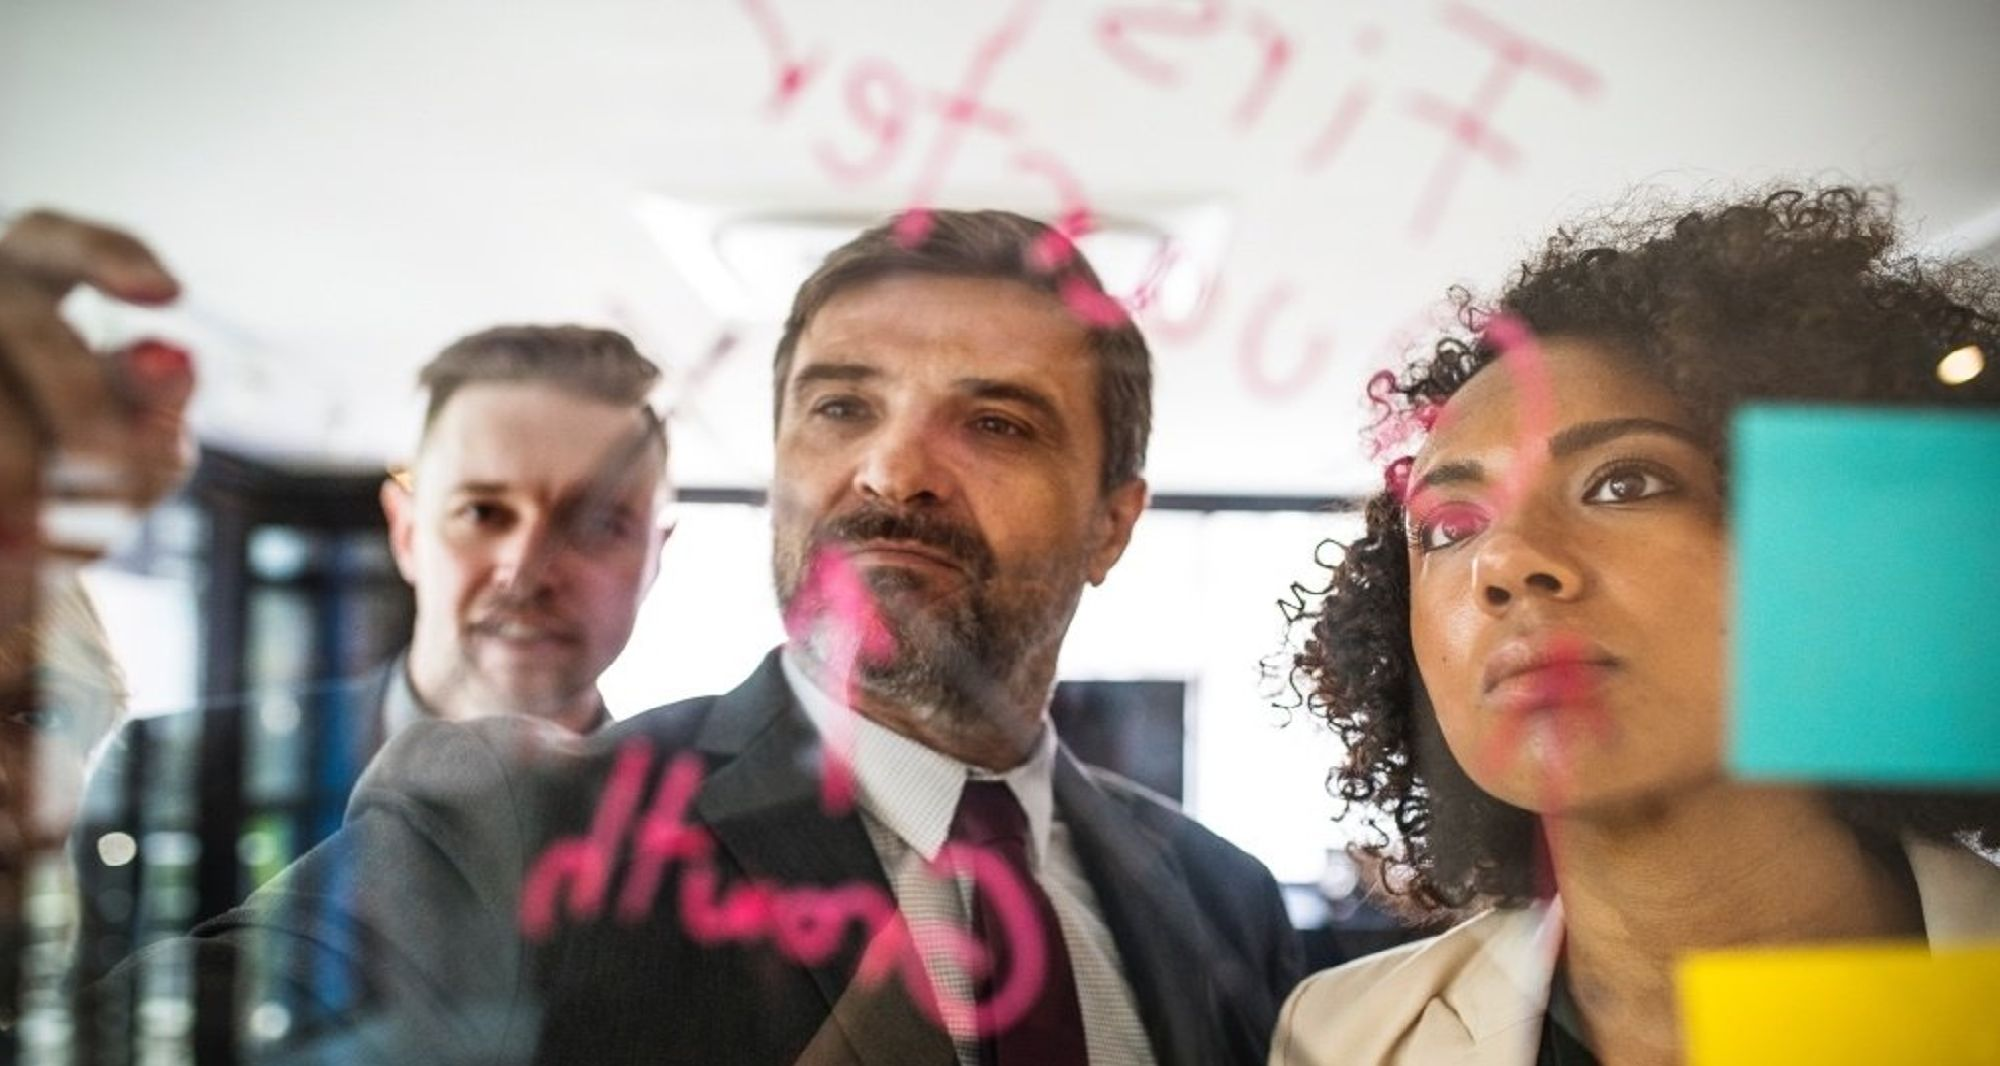 Croissance de votre entreprise à La Réunion : 3 opportunités offertes par le digital